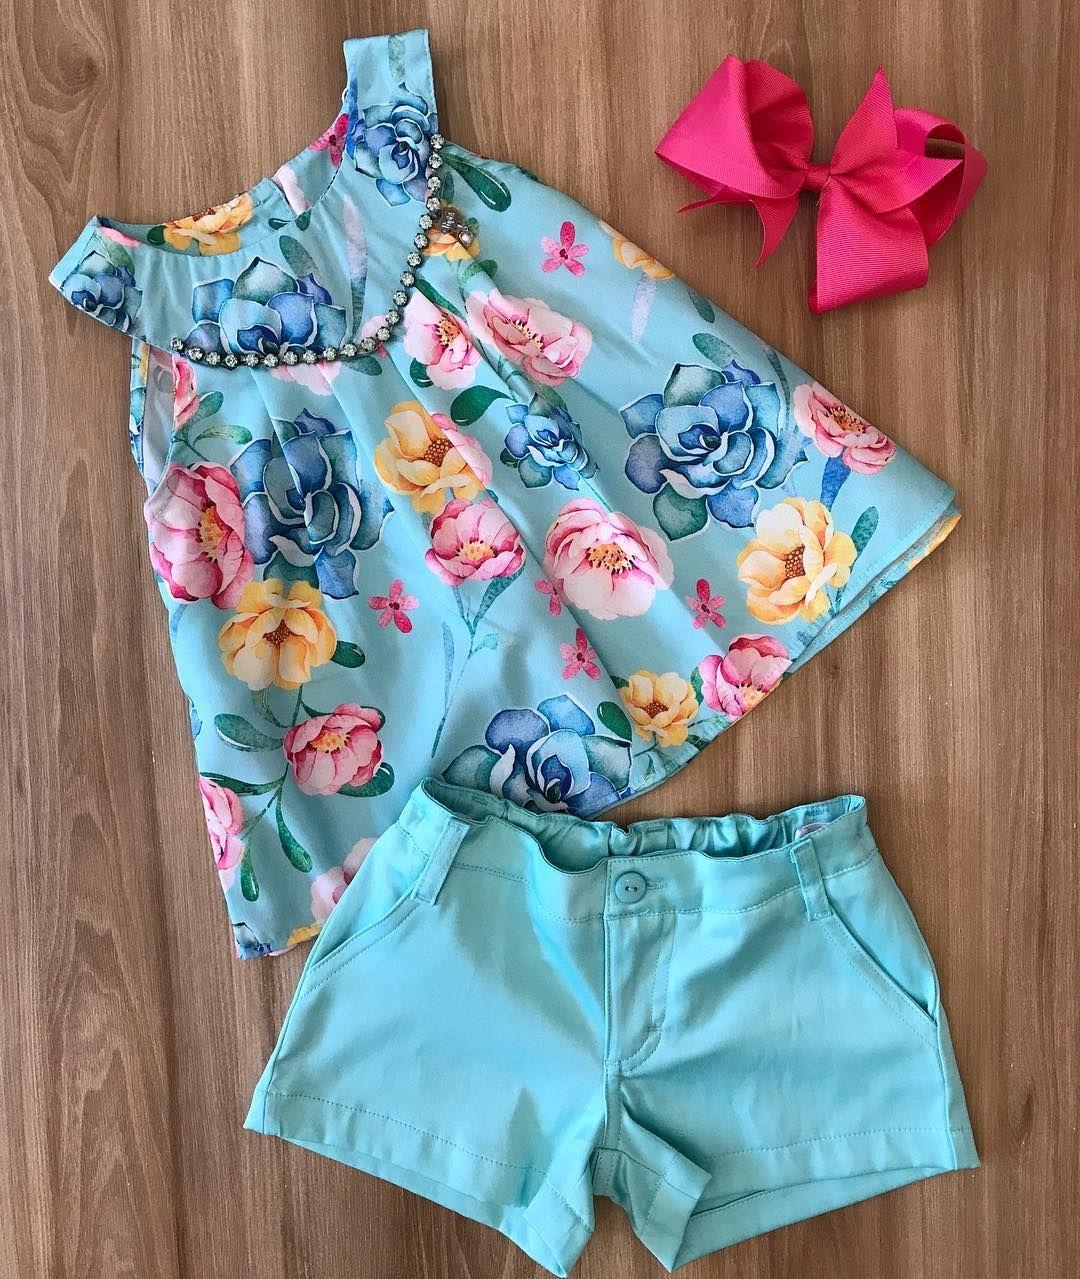 moda infantil tania